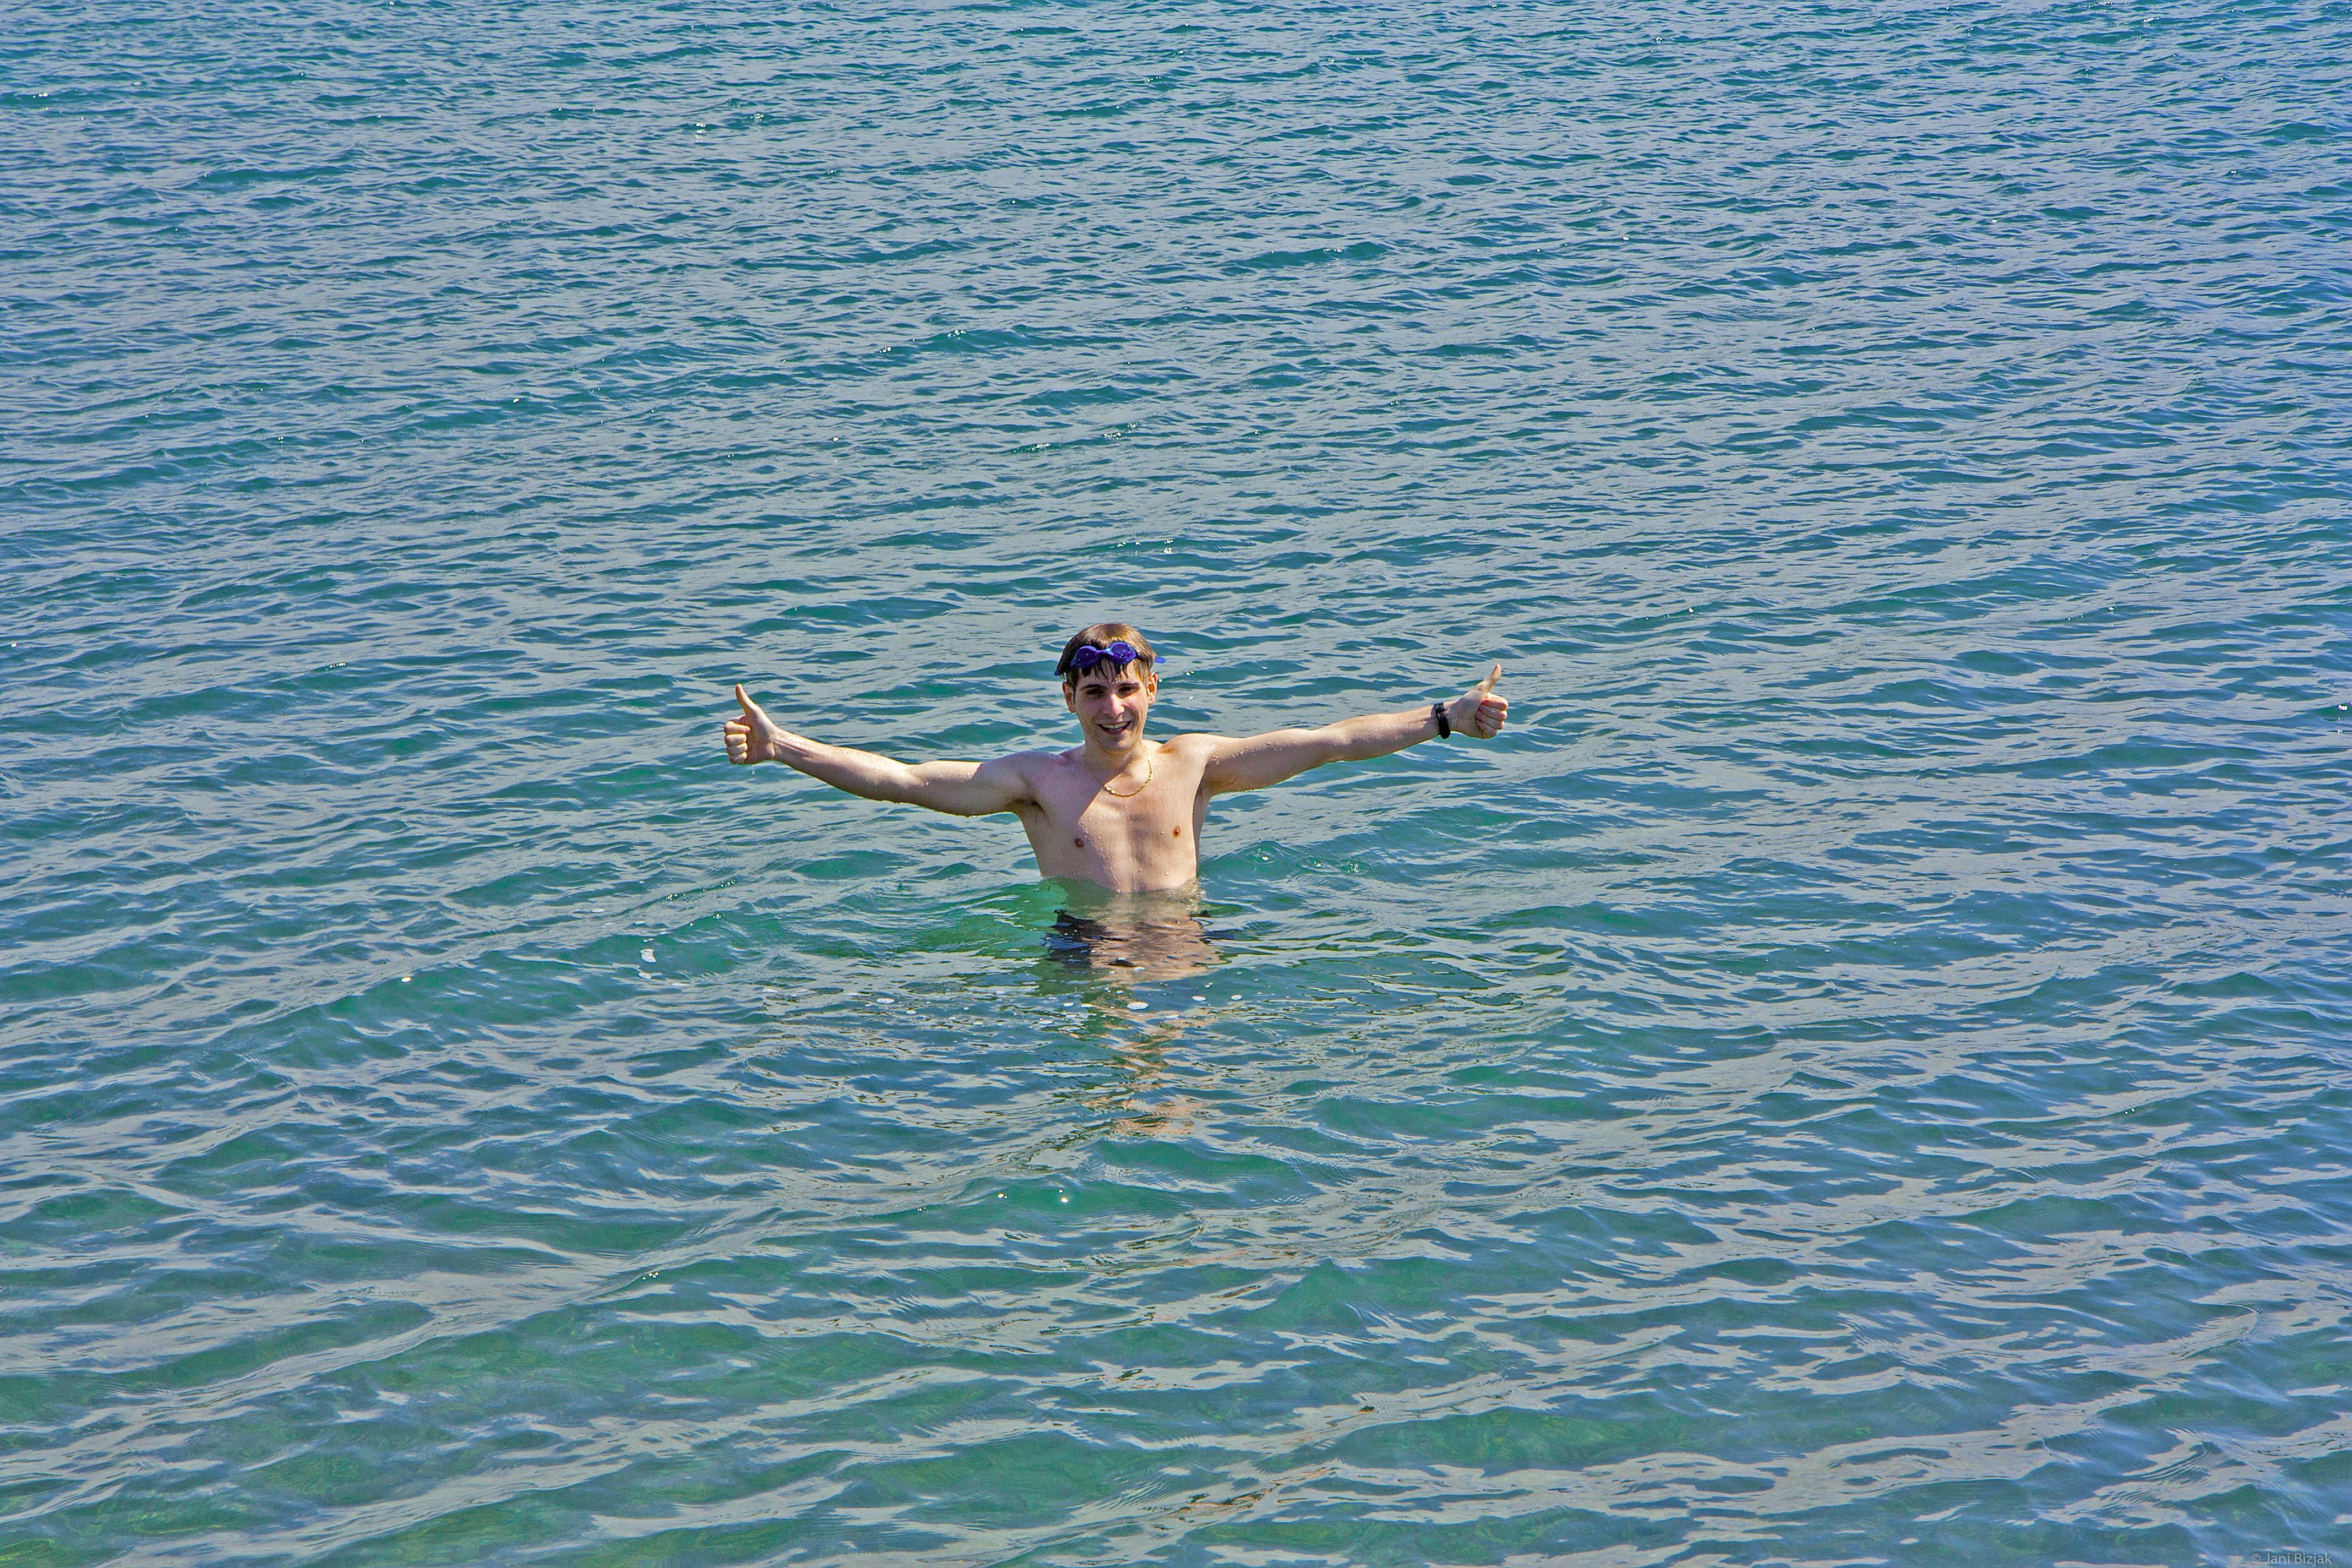 Jean swimming in April